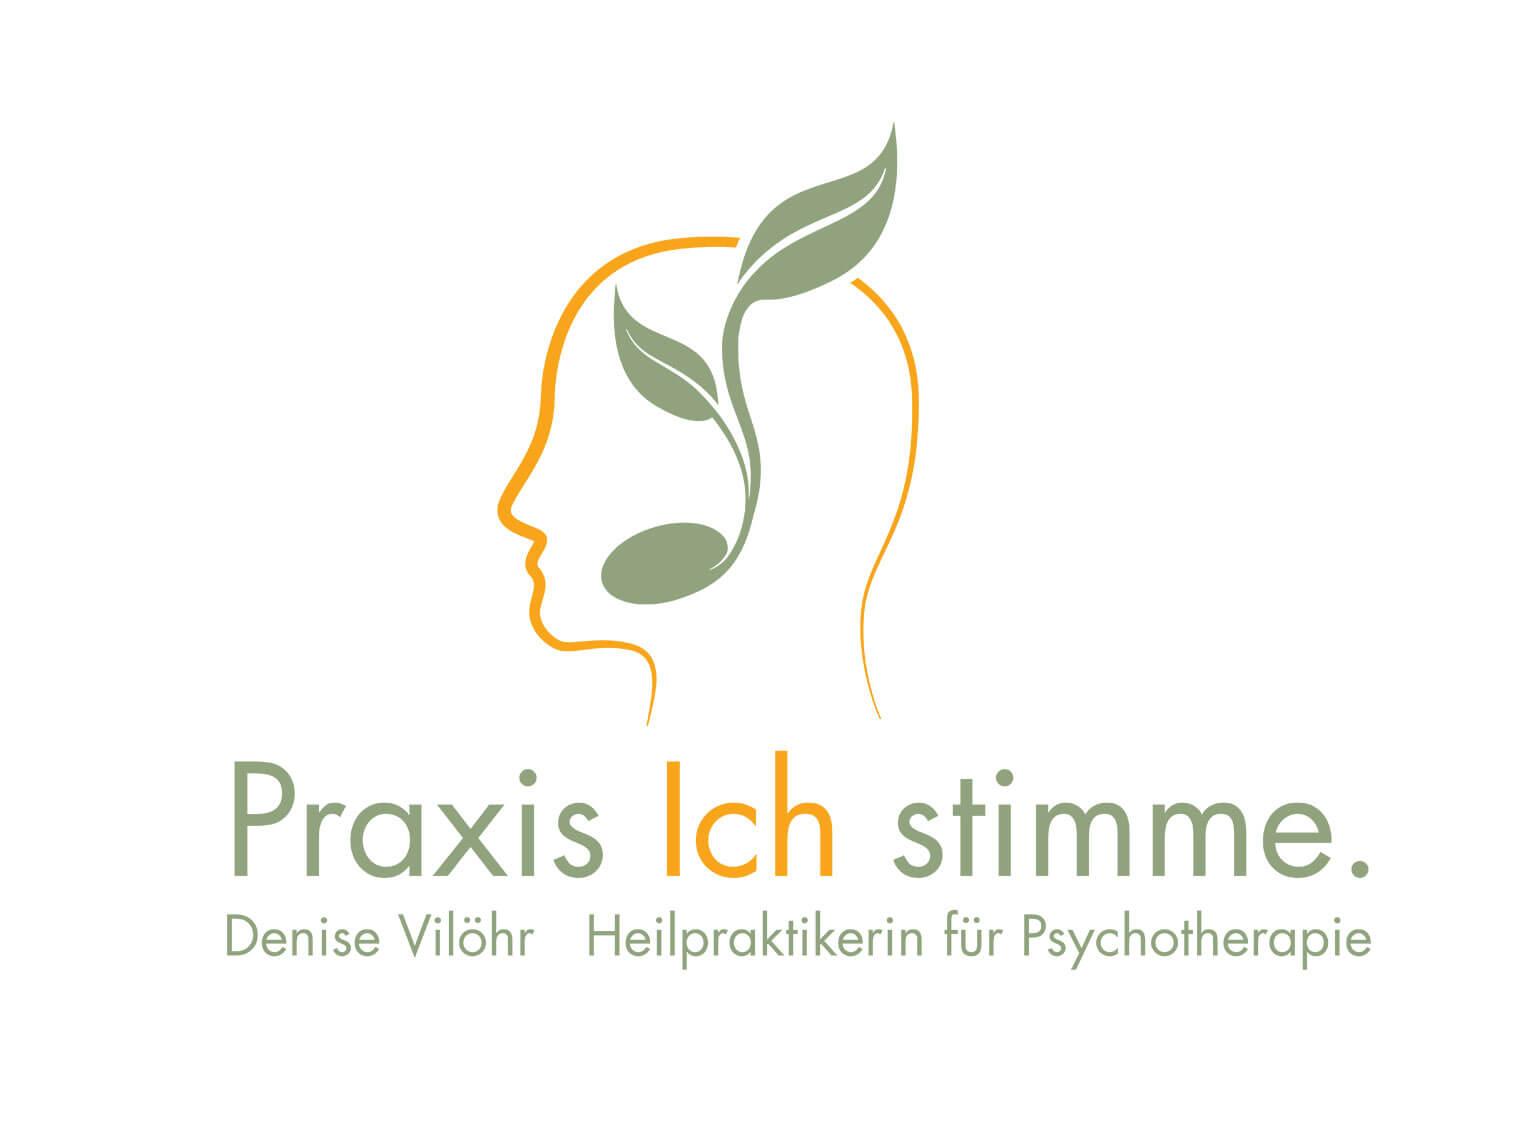 logo-praxis-ich-stimme